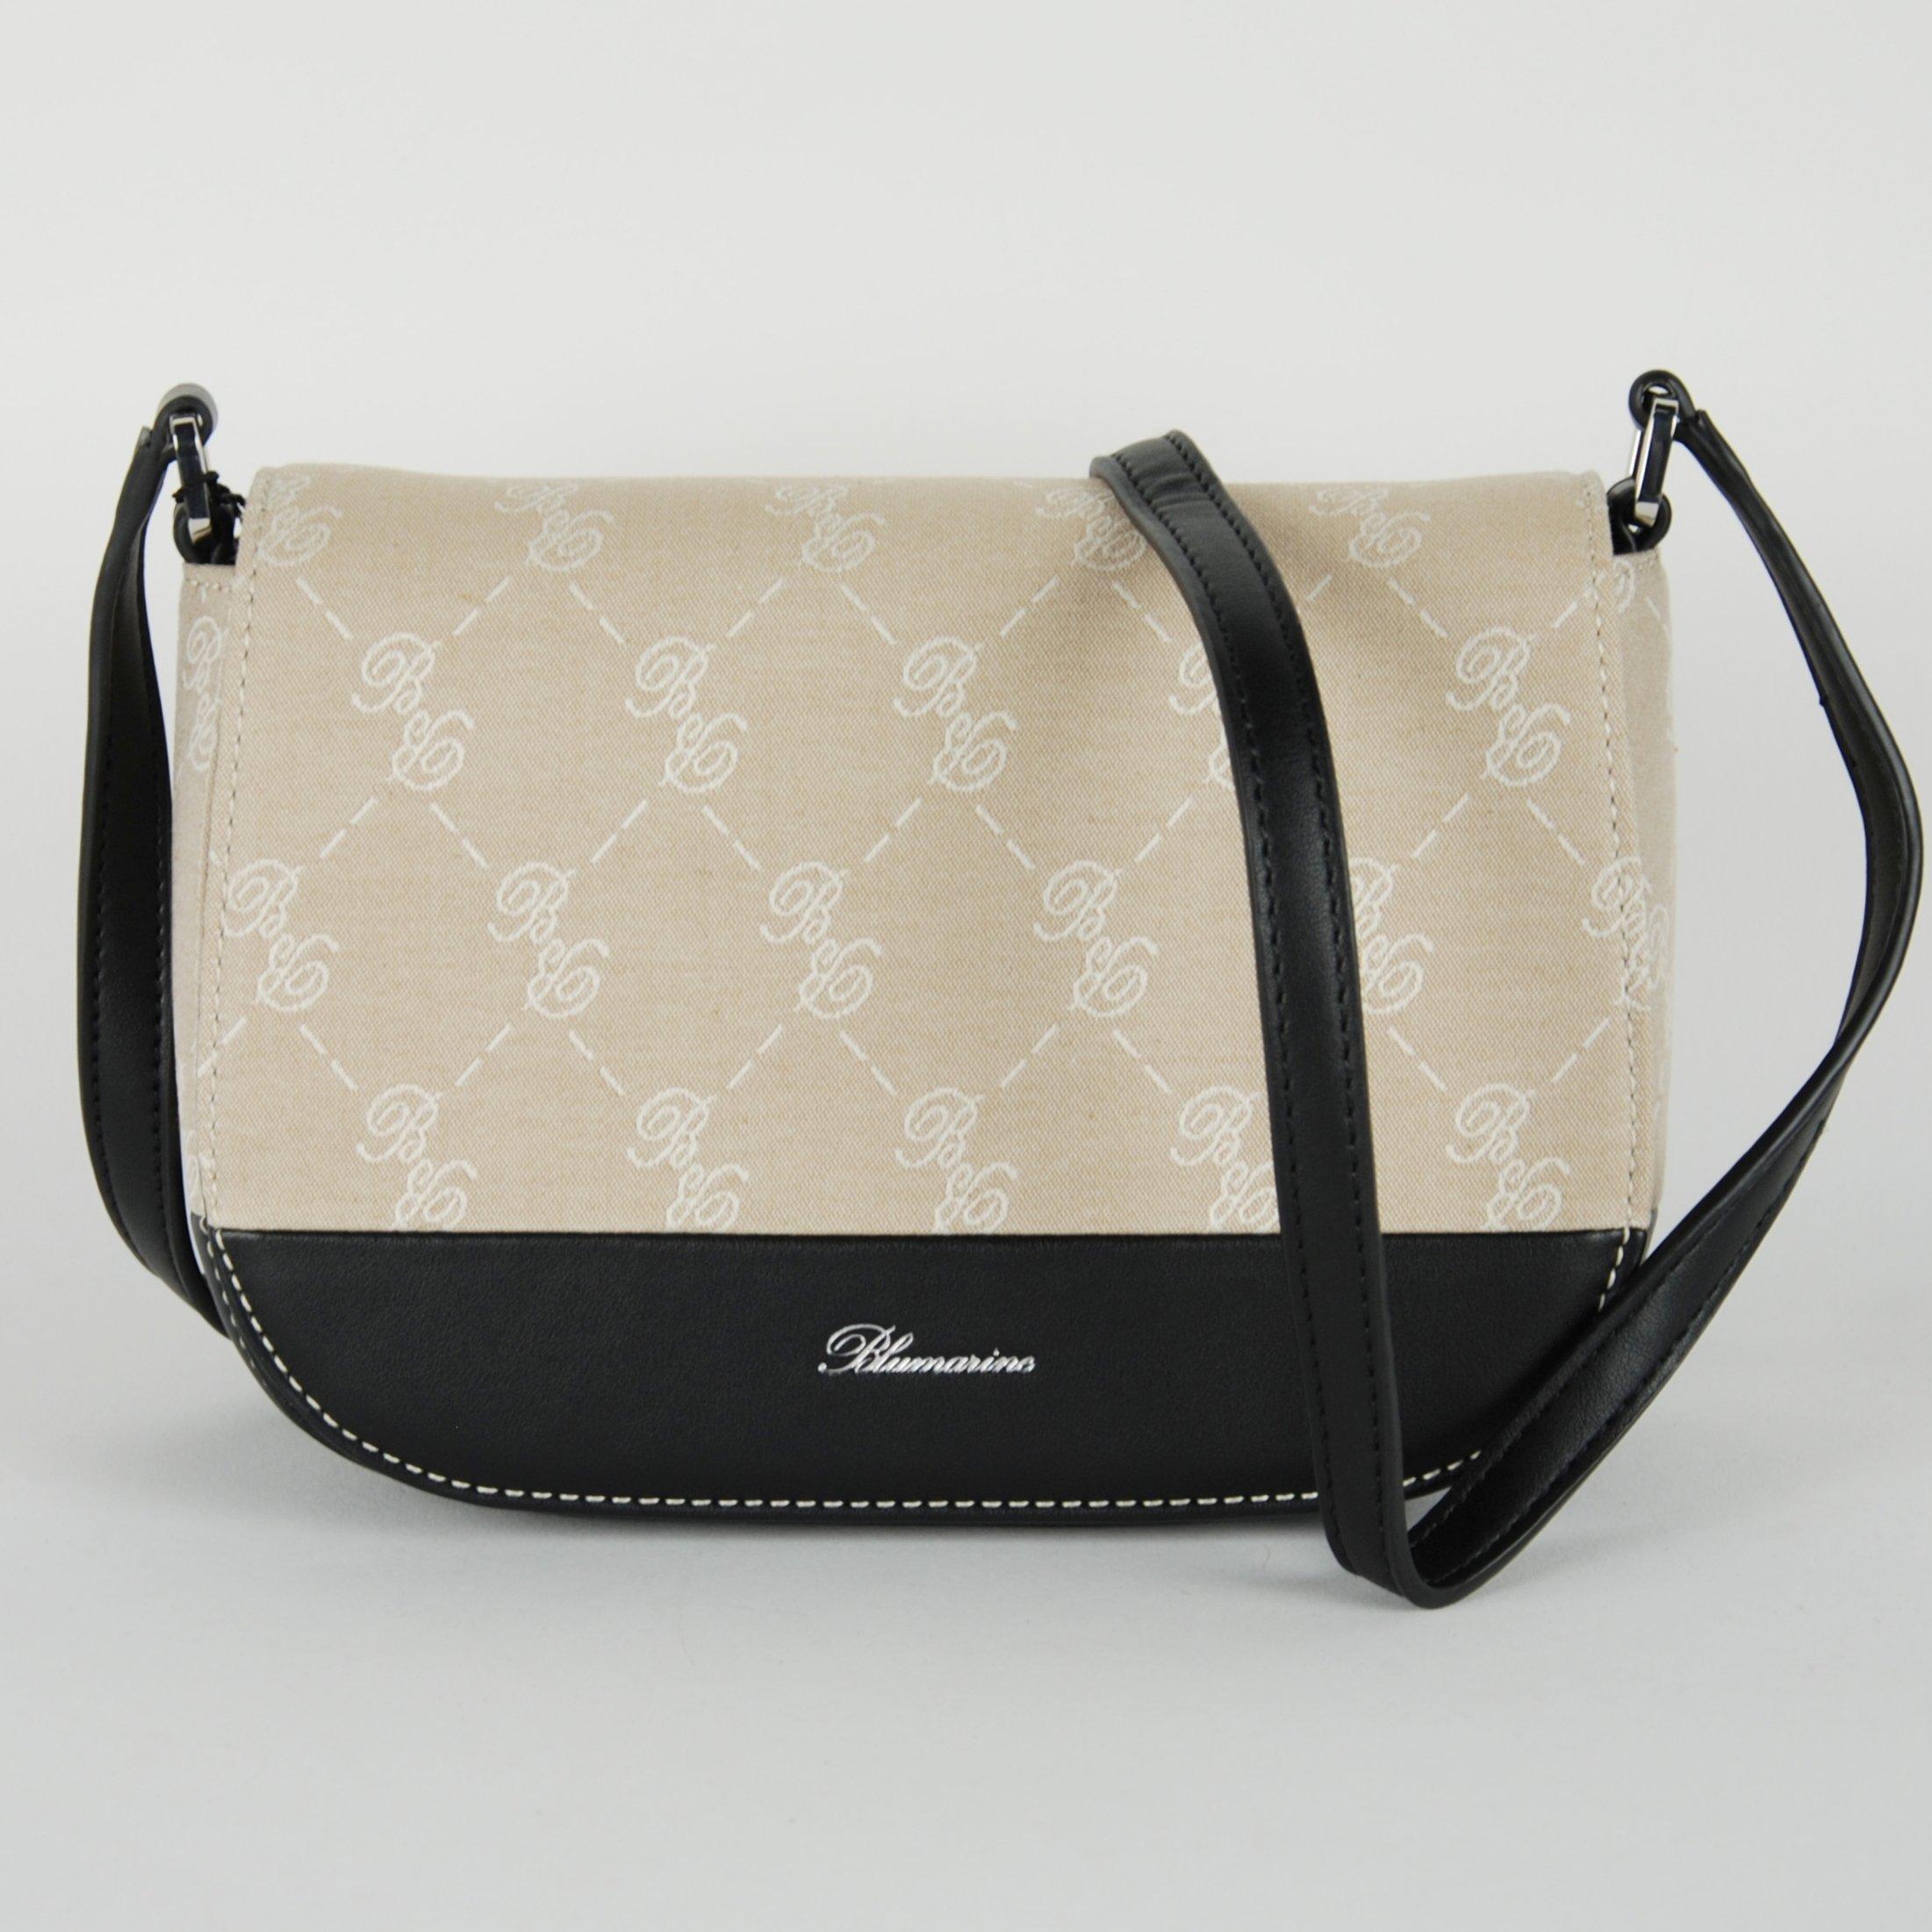 Blumarine Women's Shoulder Bag Black BL1421525